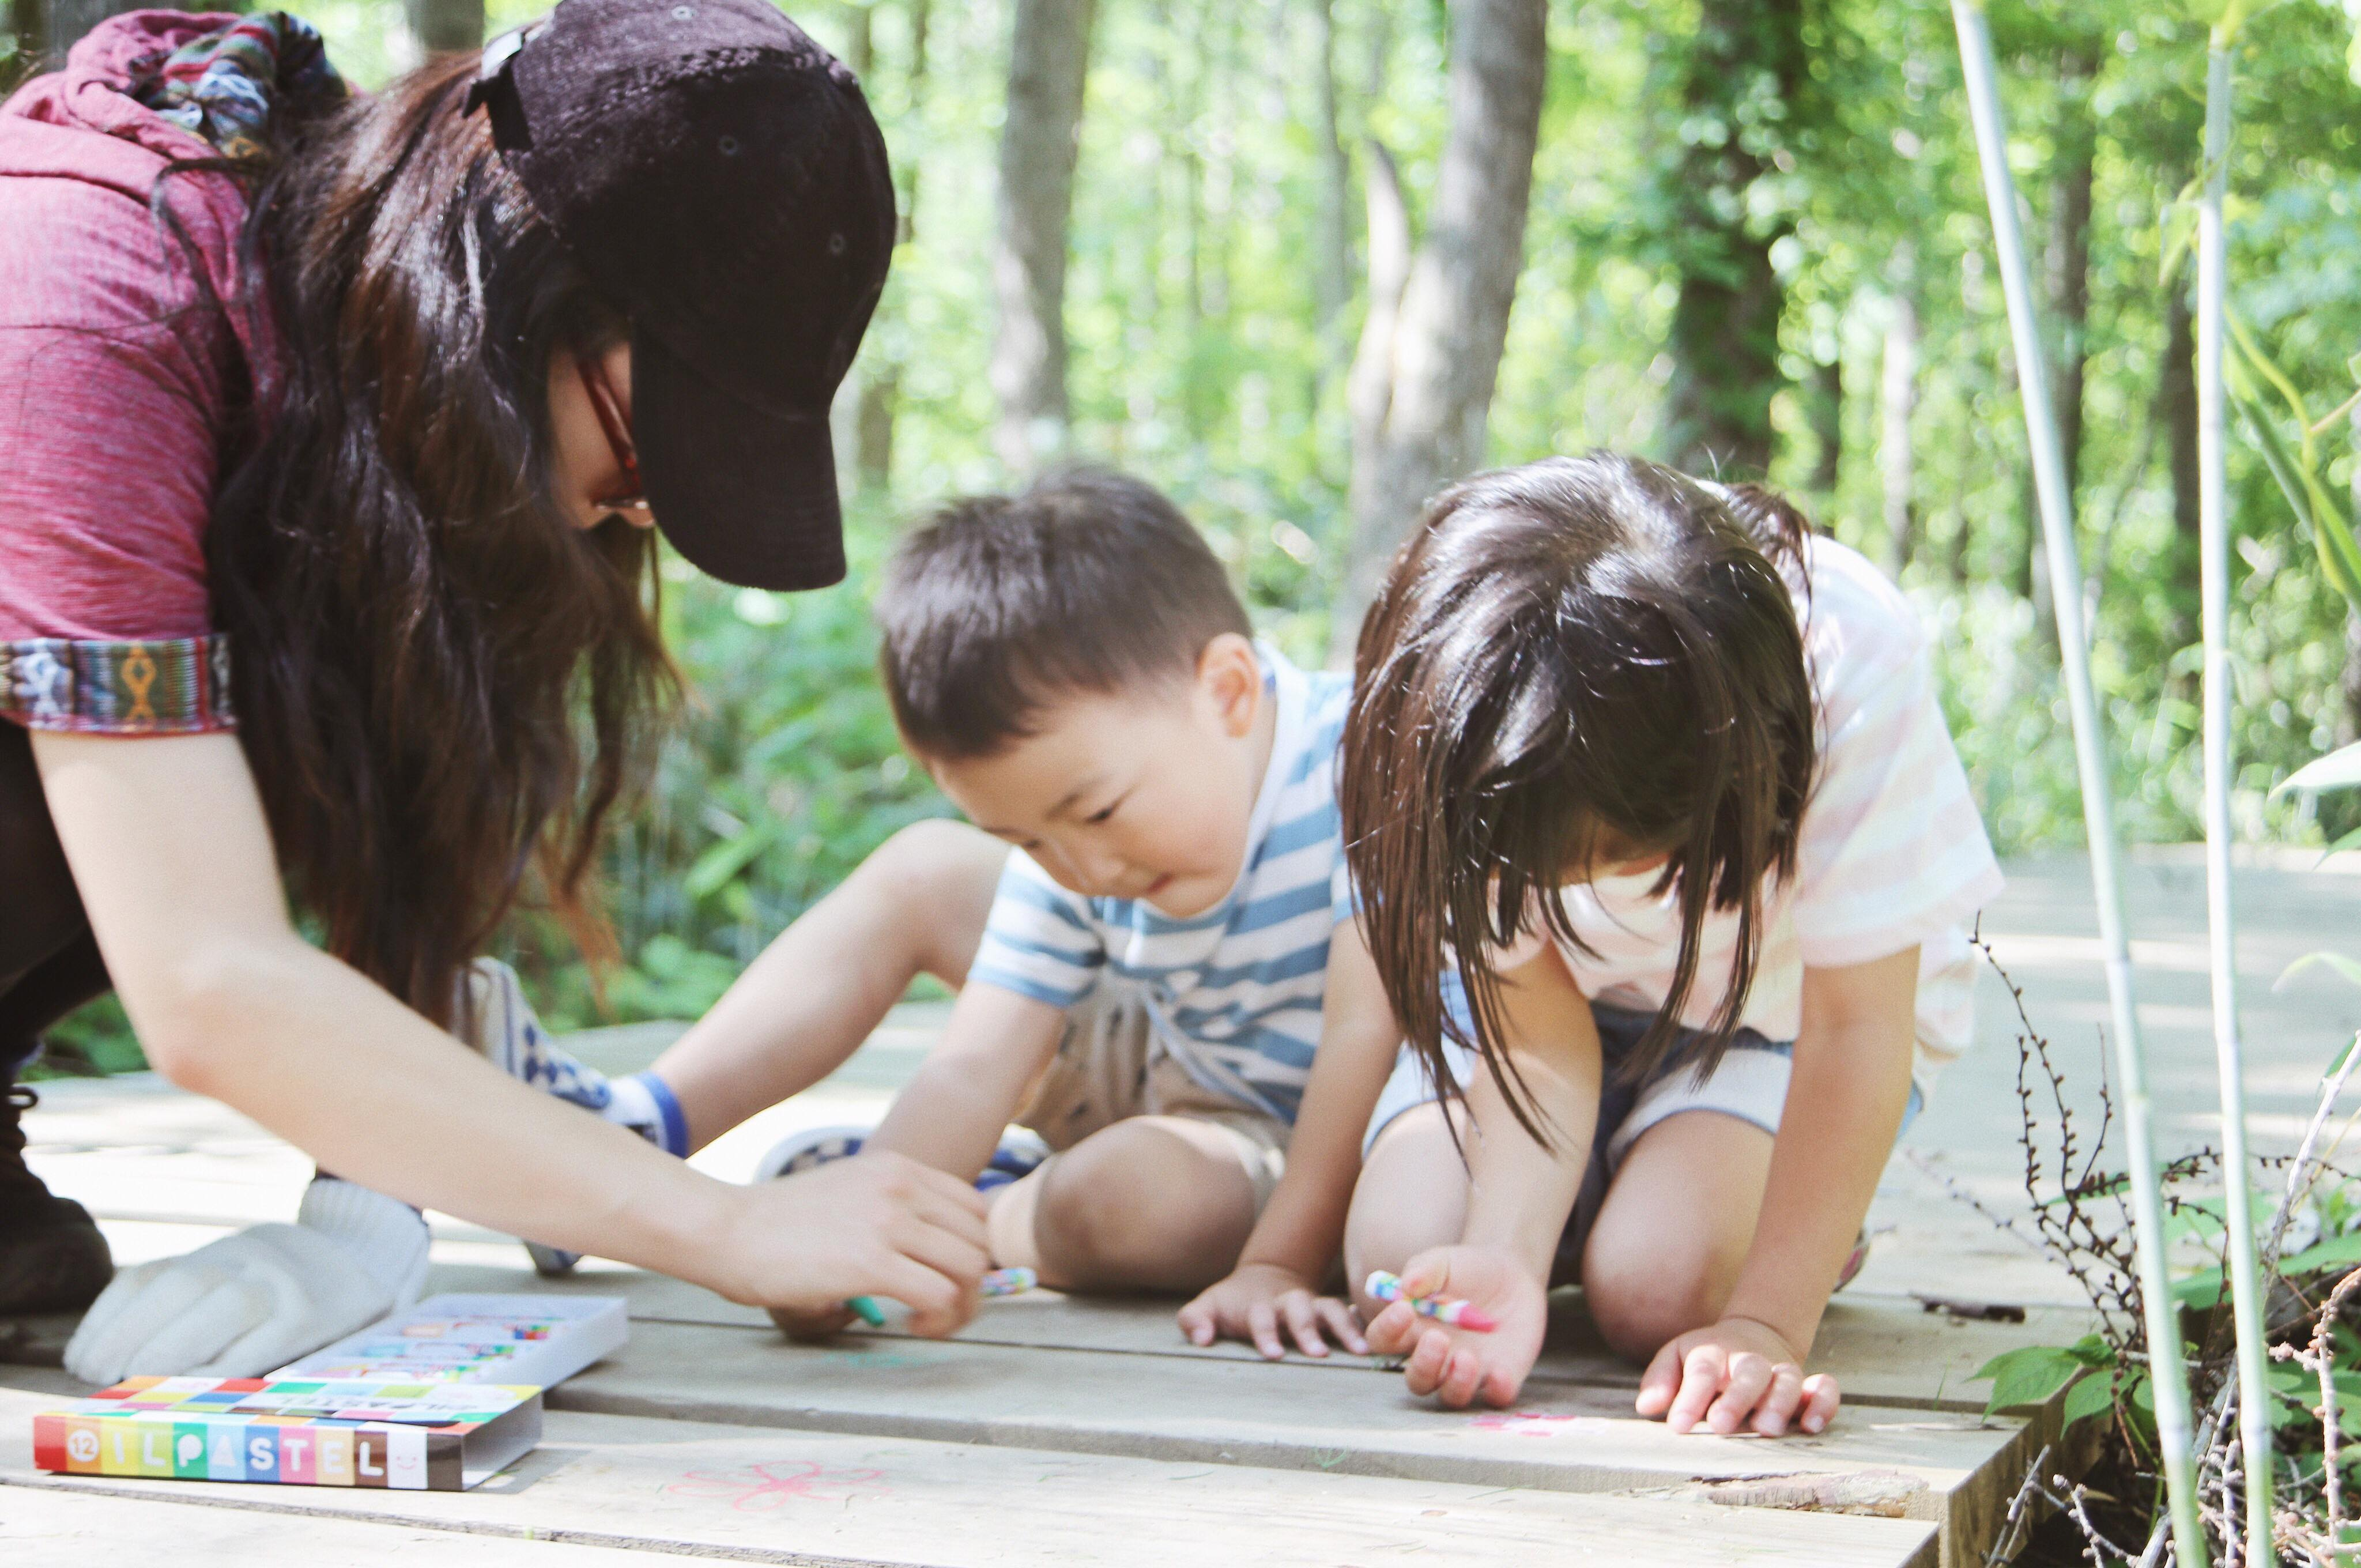 一生懸命に書き込みをする子どもたち Photo by Riho Kamimura